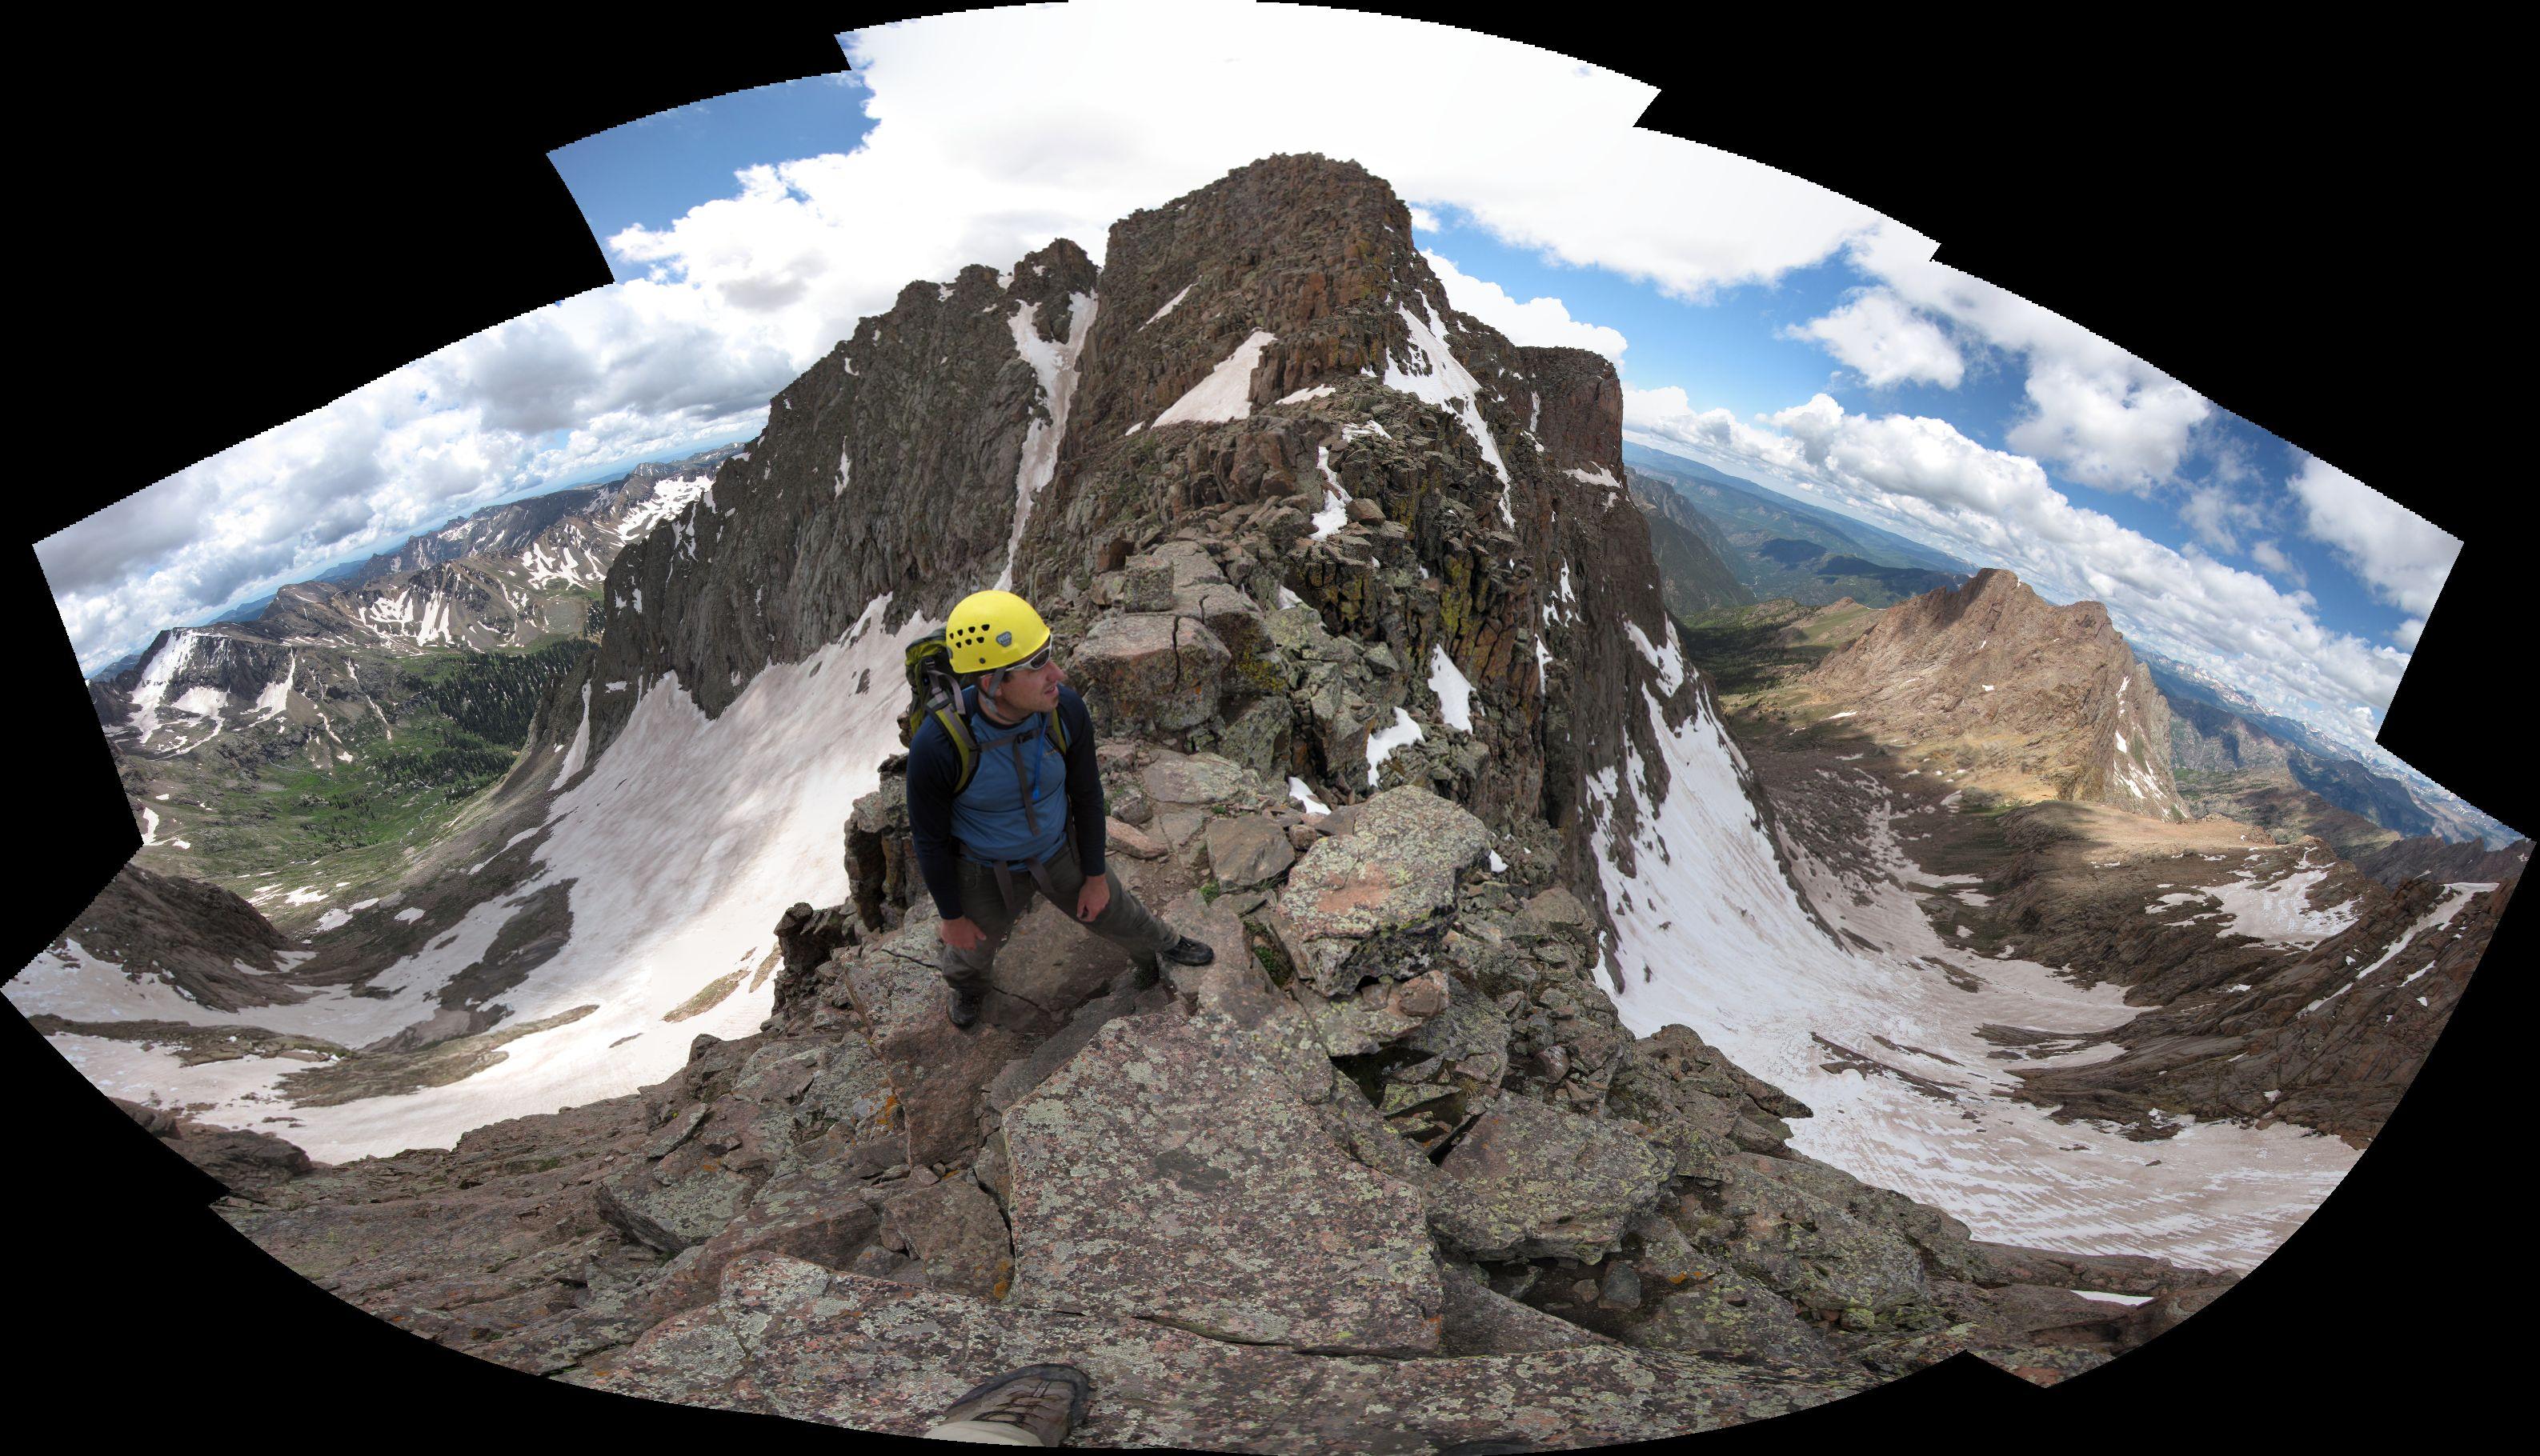 14ers.com • Mt. Eolus, Windom Peak, and Sunlight Peak | Route ...